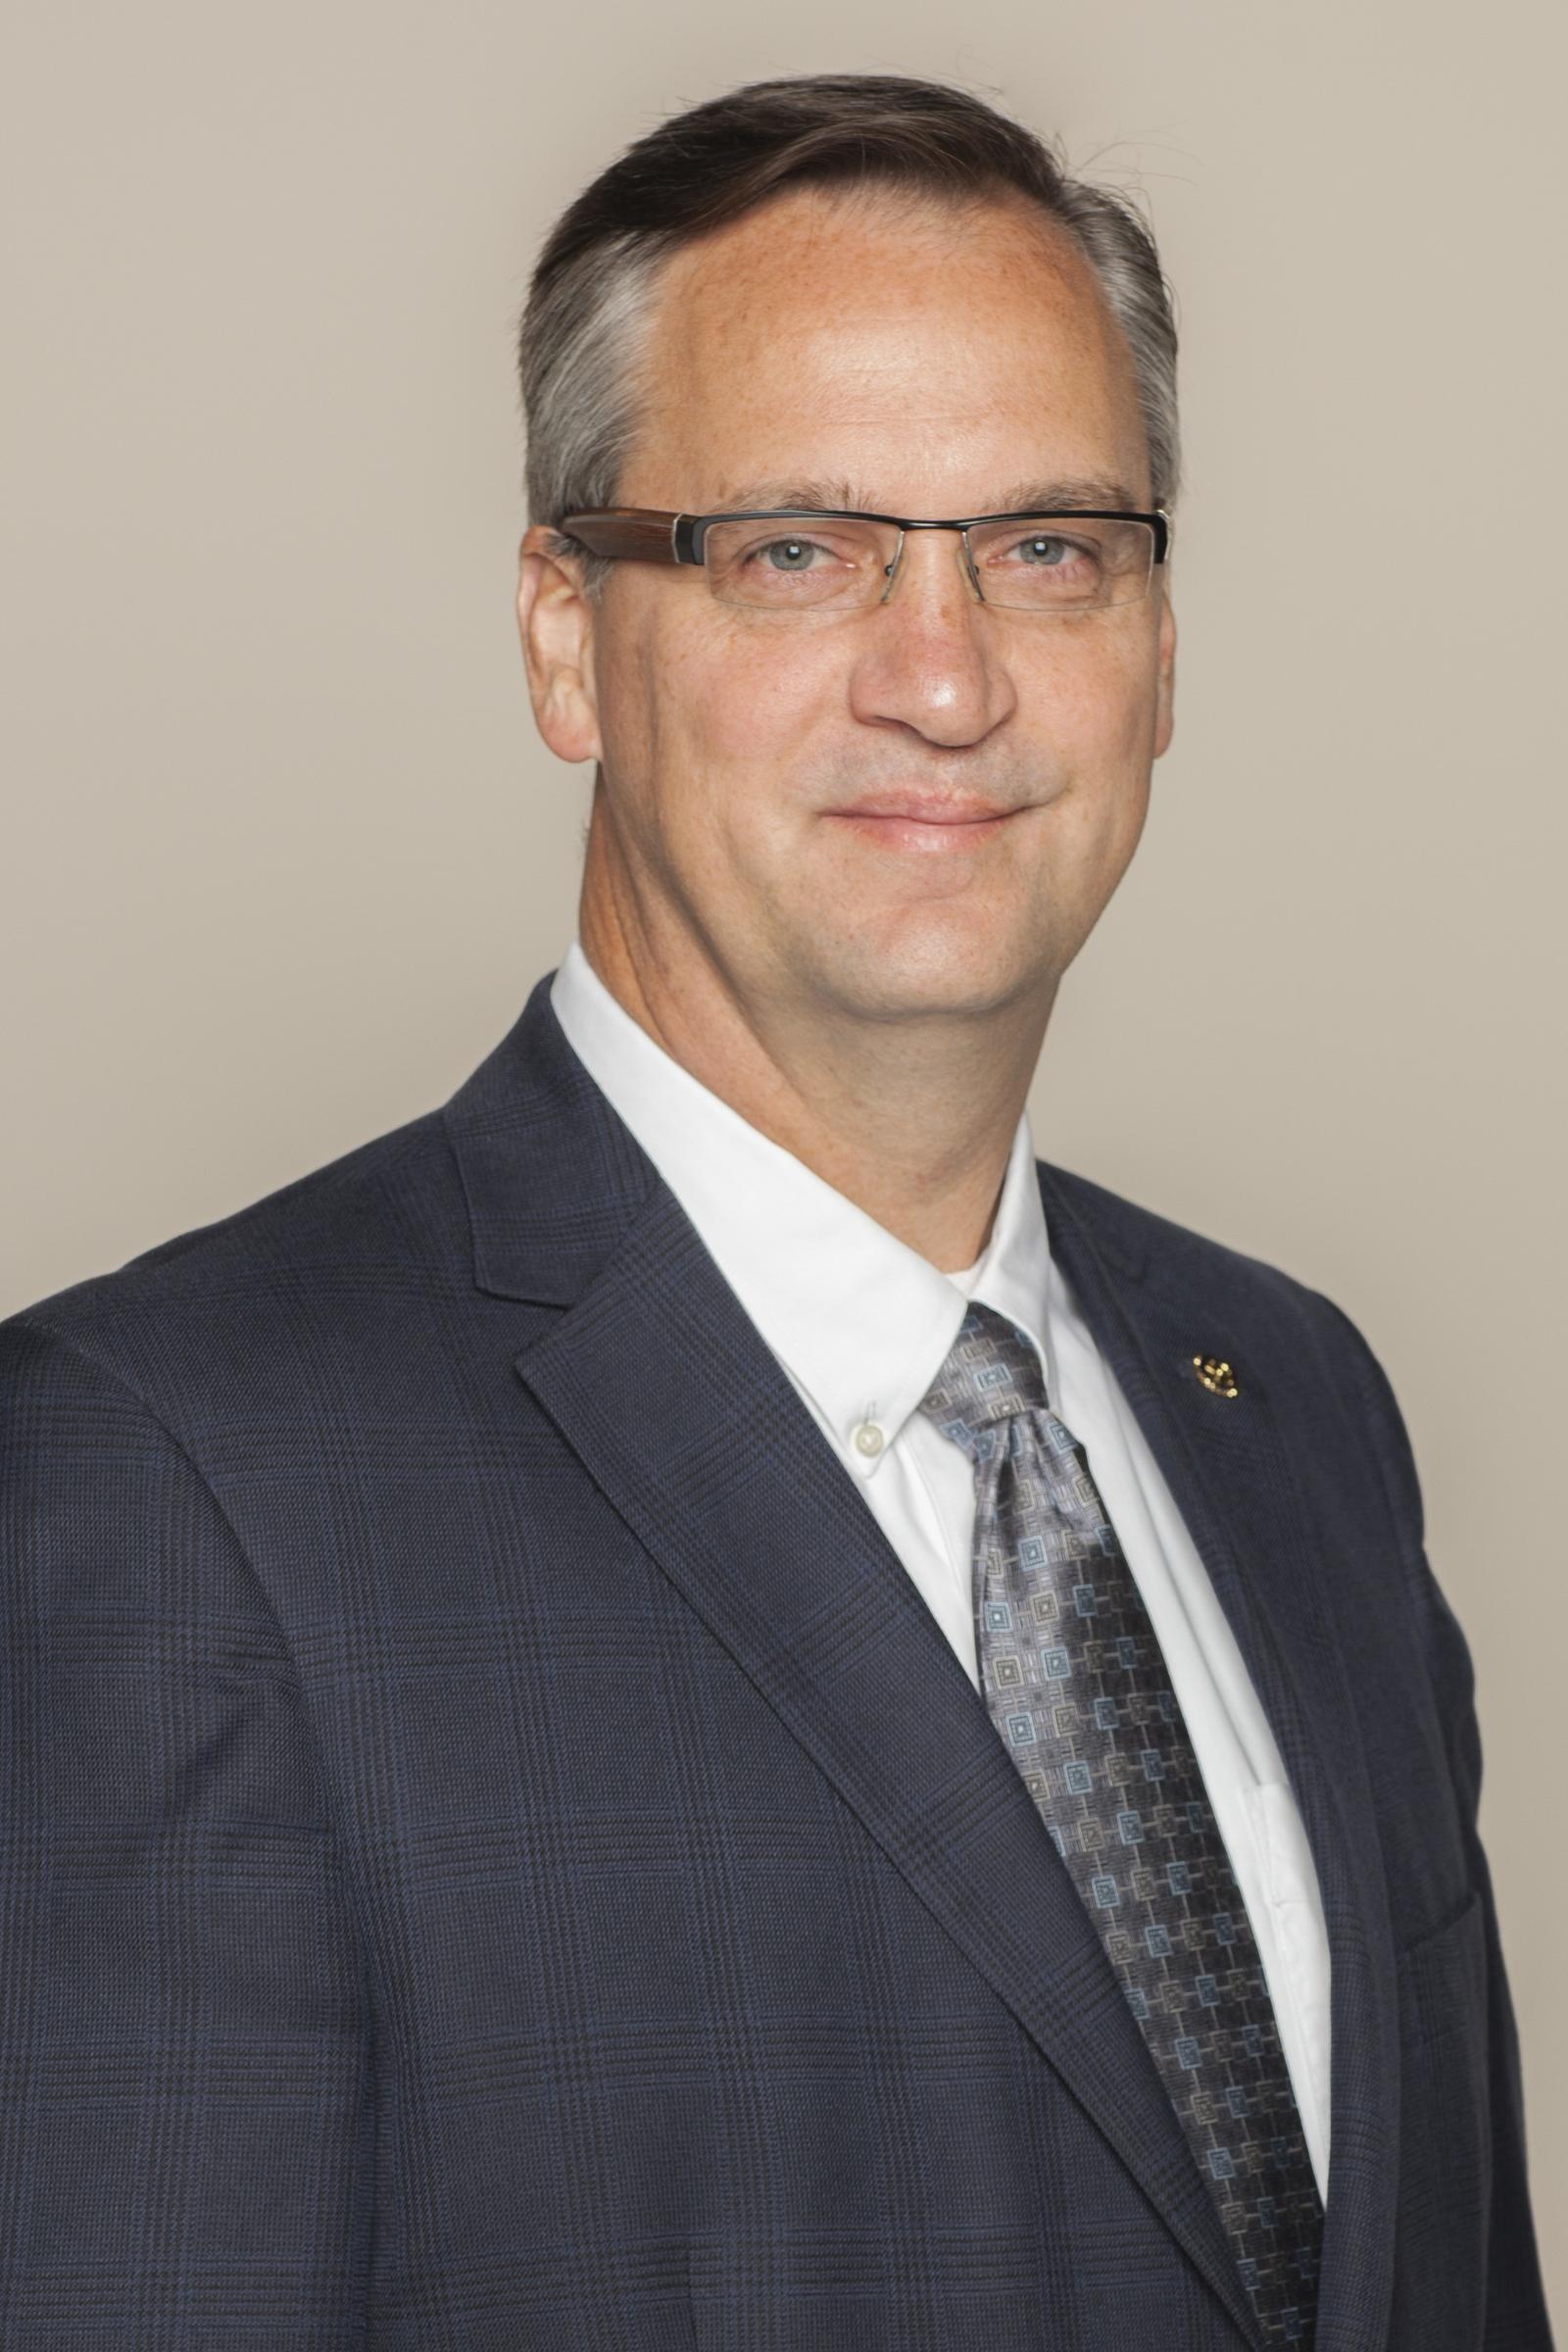 Allen Witt